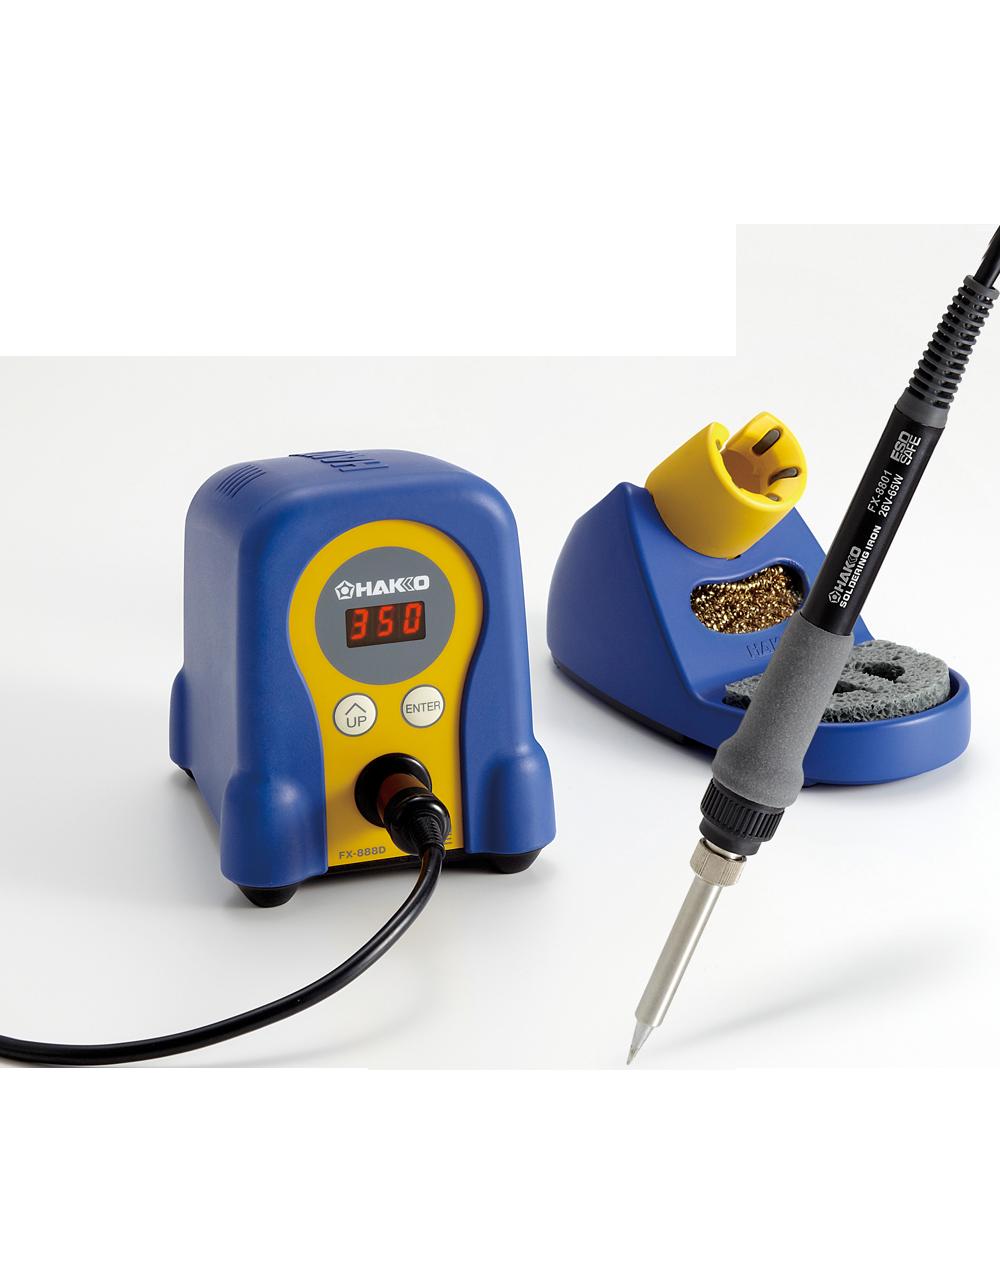 Hakko Soldering Tools